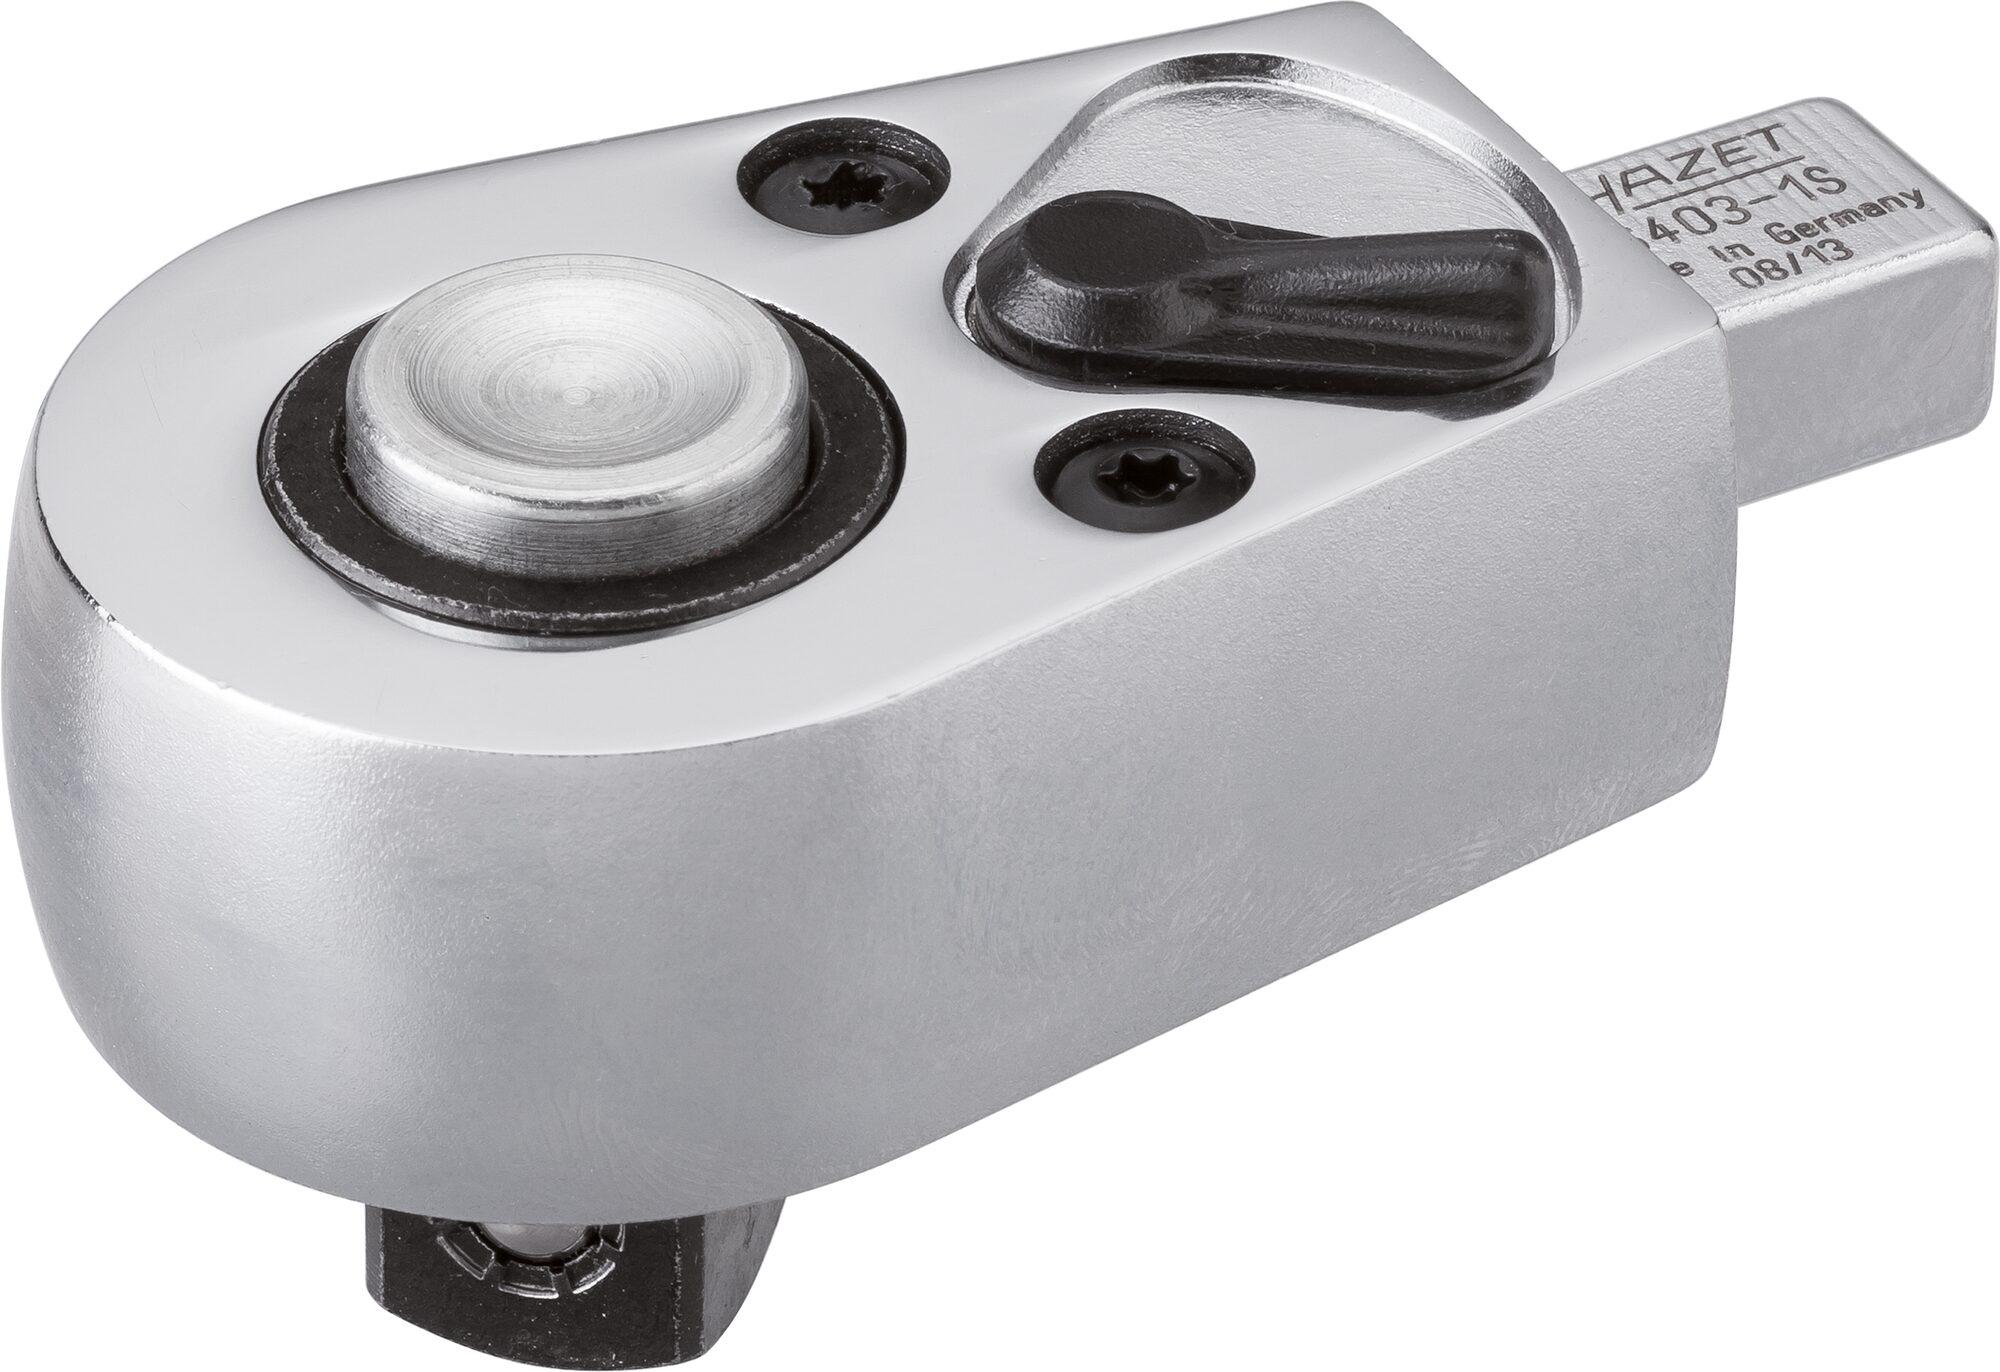 HAZET Einsteck-Umschaltknarre 6403-1S ∙ Einsteck-Vierkant 9 x 12 mm ∙ Vierkant massiv 12,5 mm (1/2 Zoll)